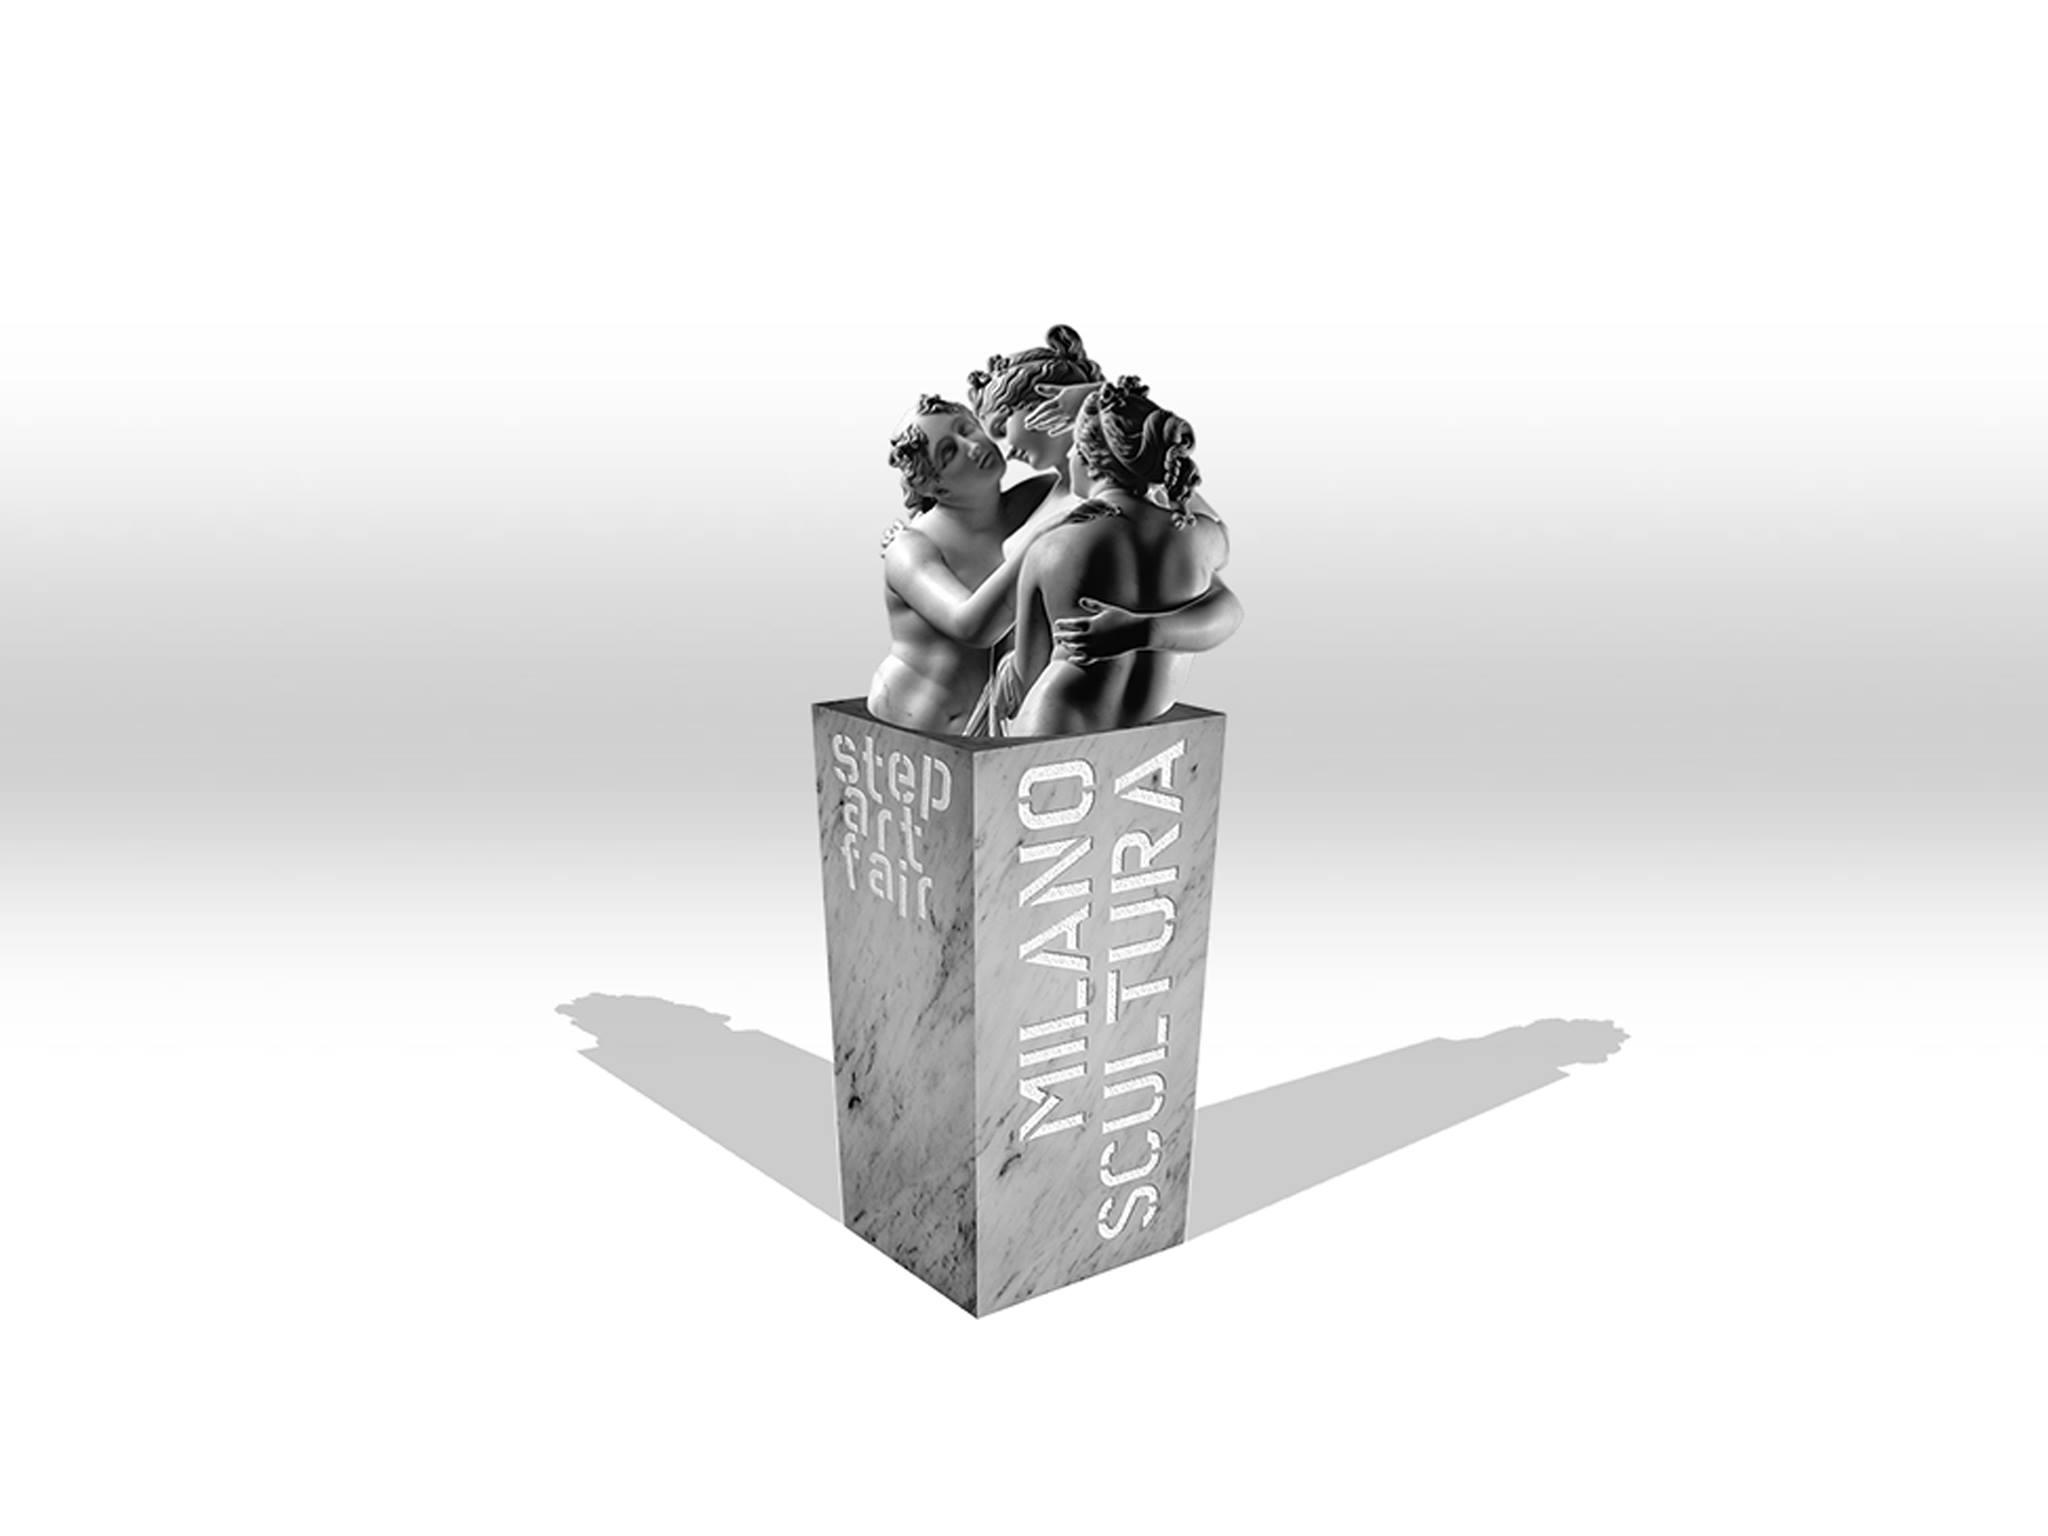 Il progetto Milano Scultura alla sua terza edizione